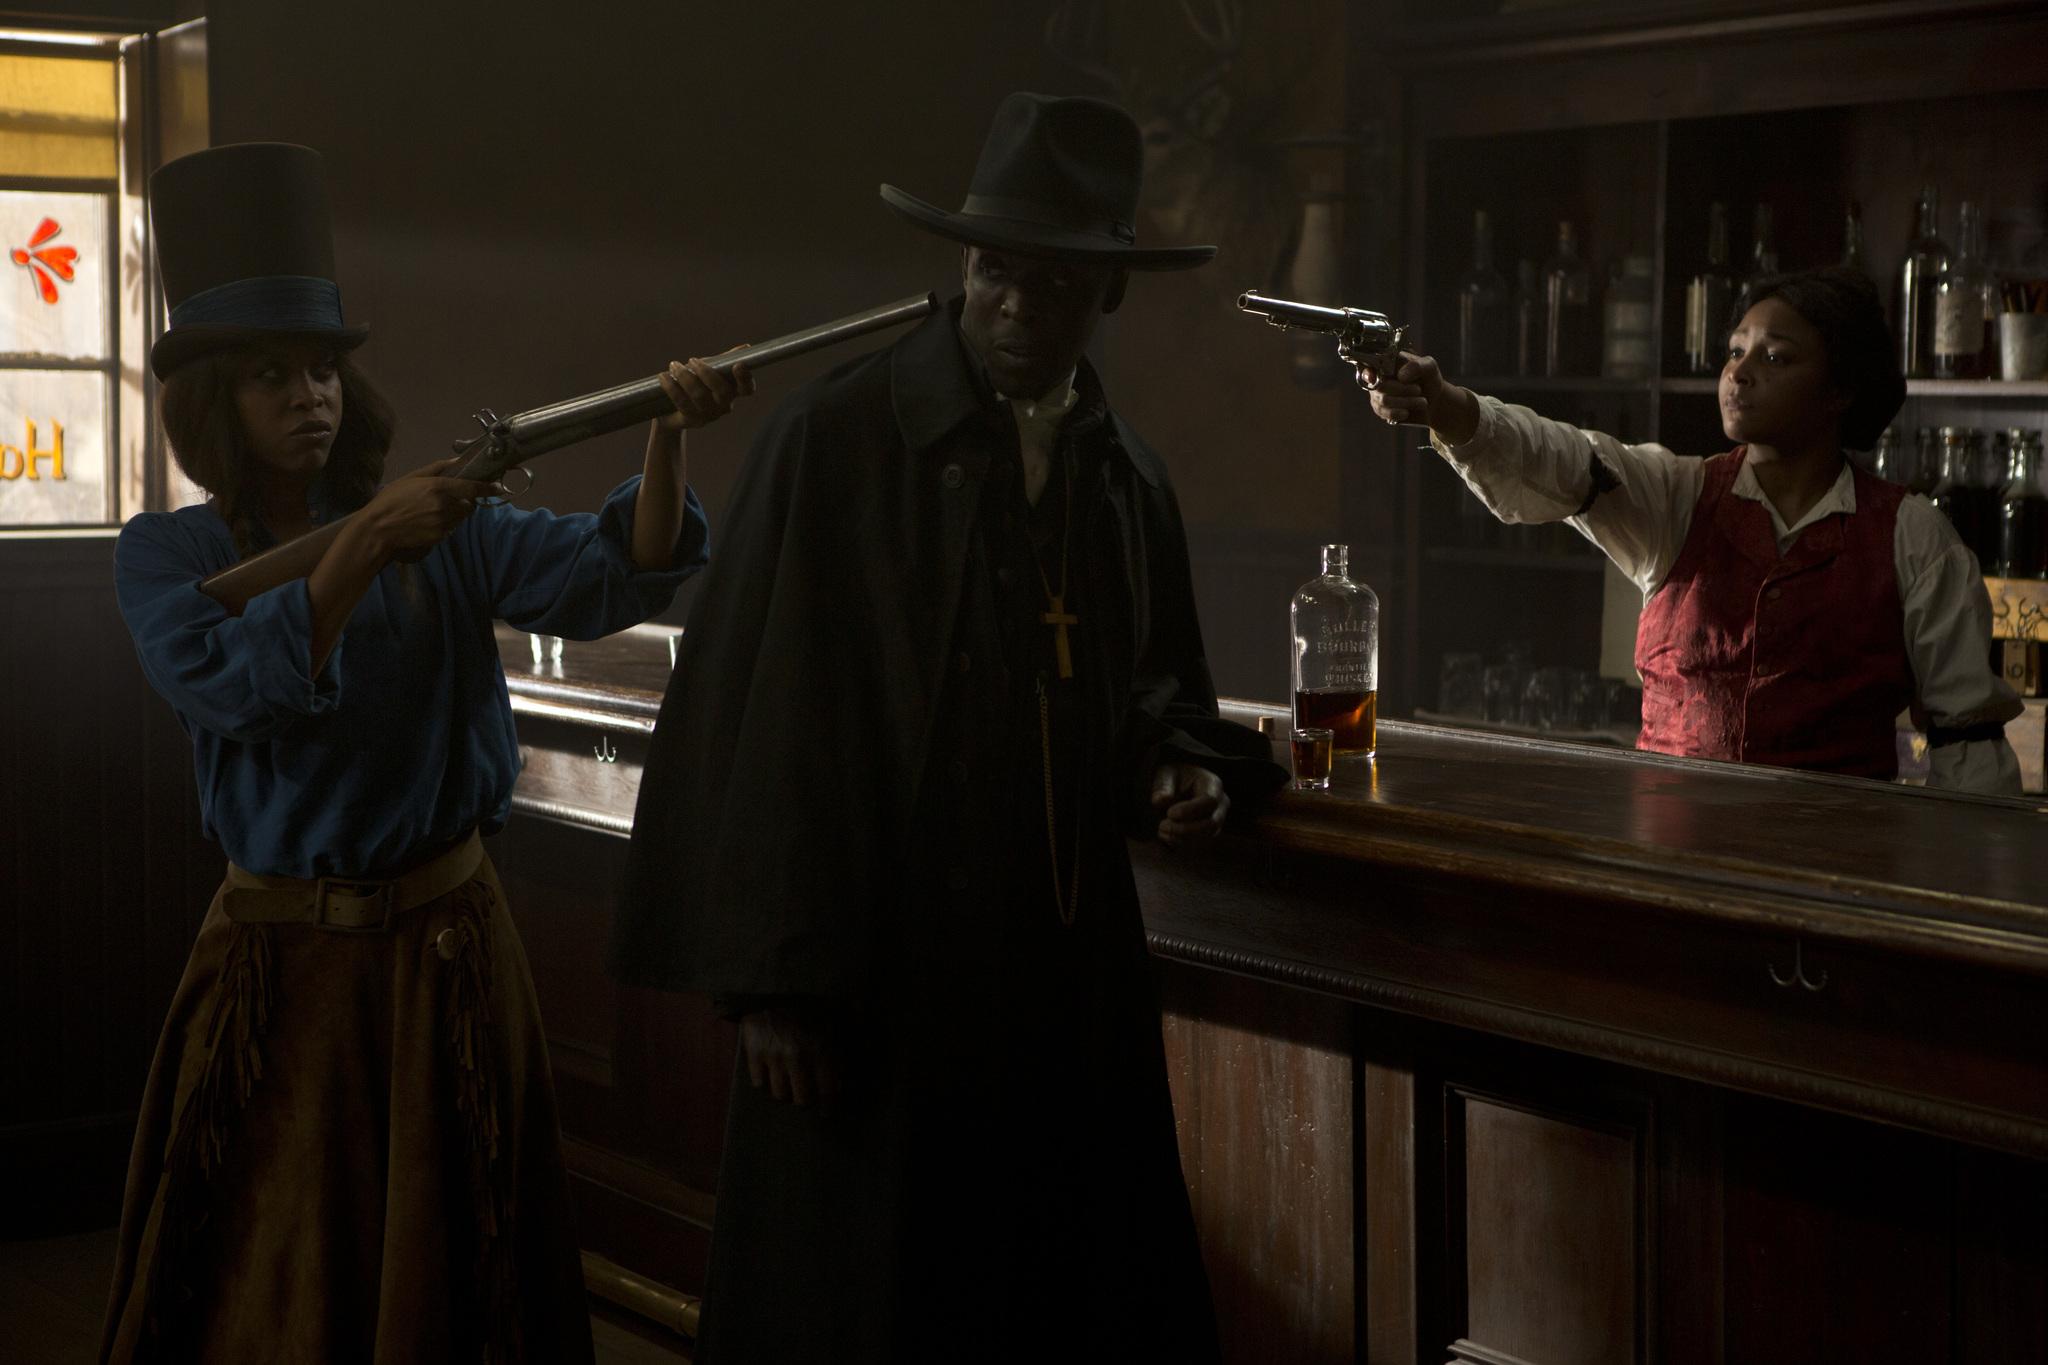 Erykah Badu, Michael Kenneth Williams, and Felicia Pearson in They Die by Dawn (2013)